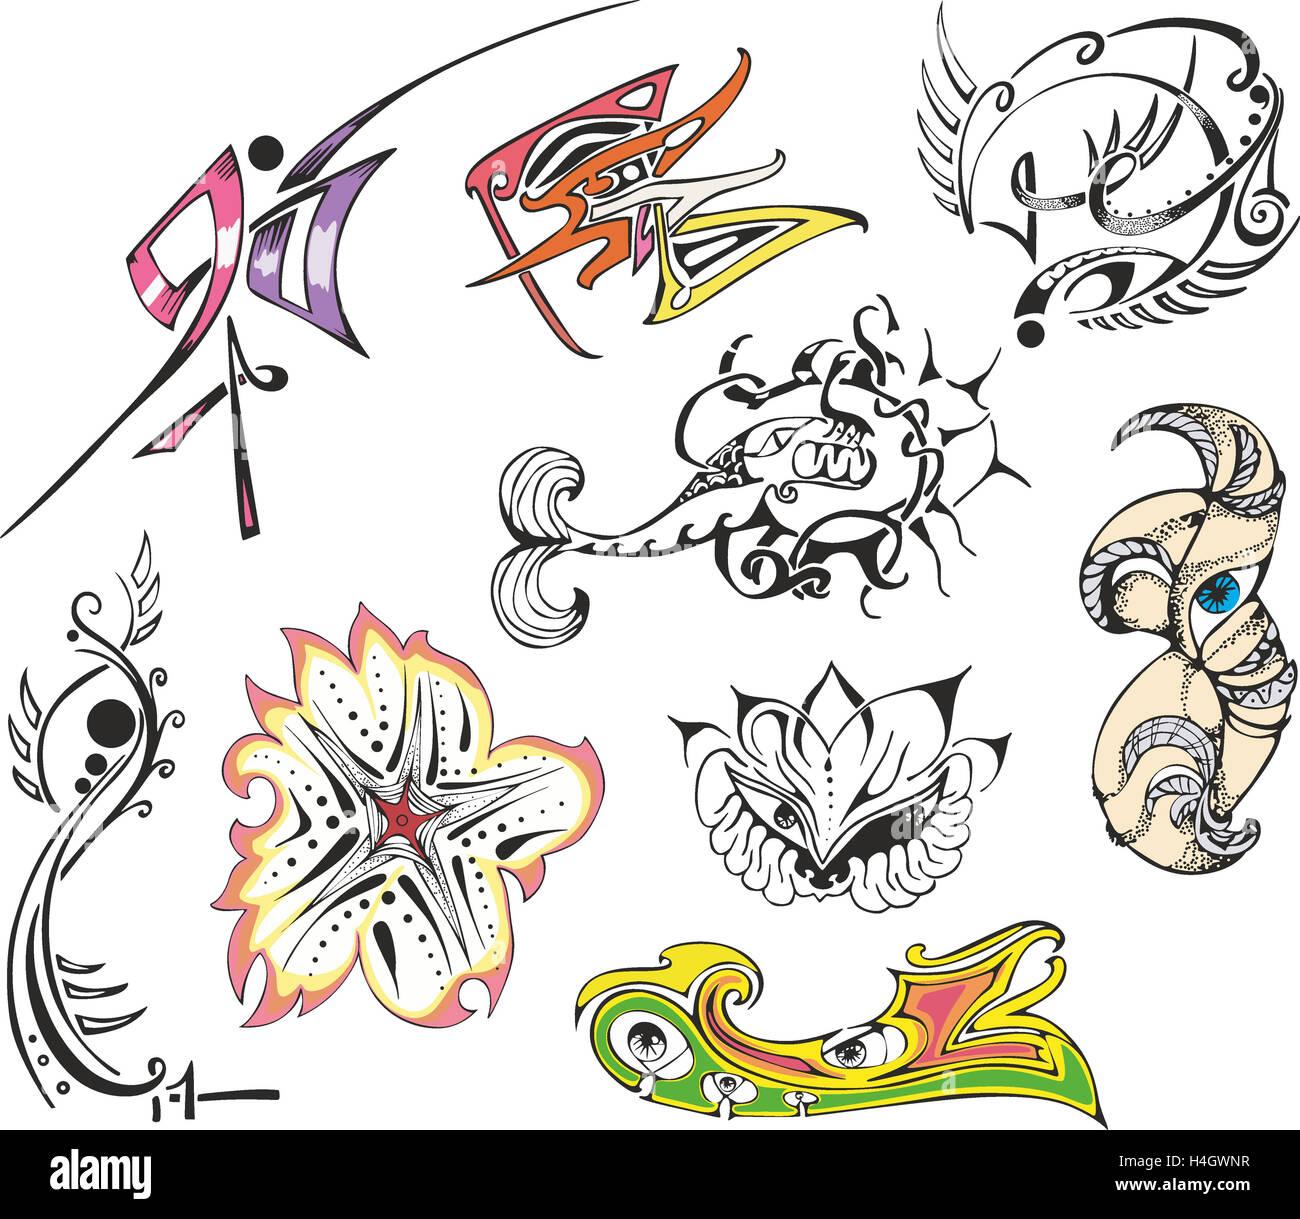 Recopilación De Varios Bocetos De Tatuajes De Fantasía Incluyendo